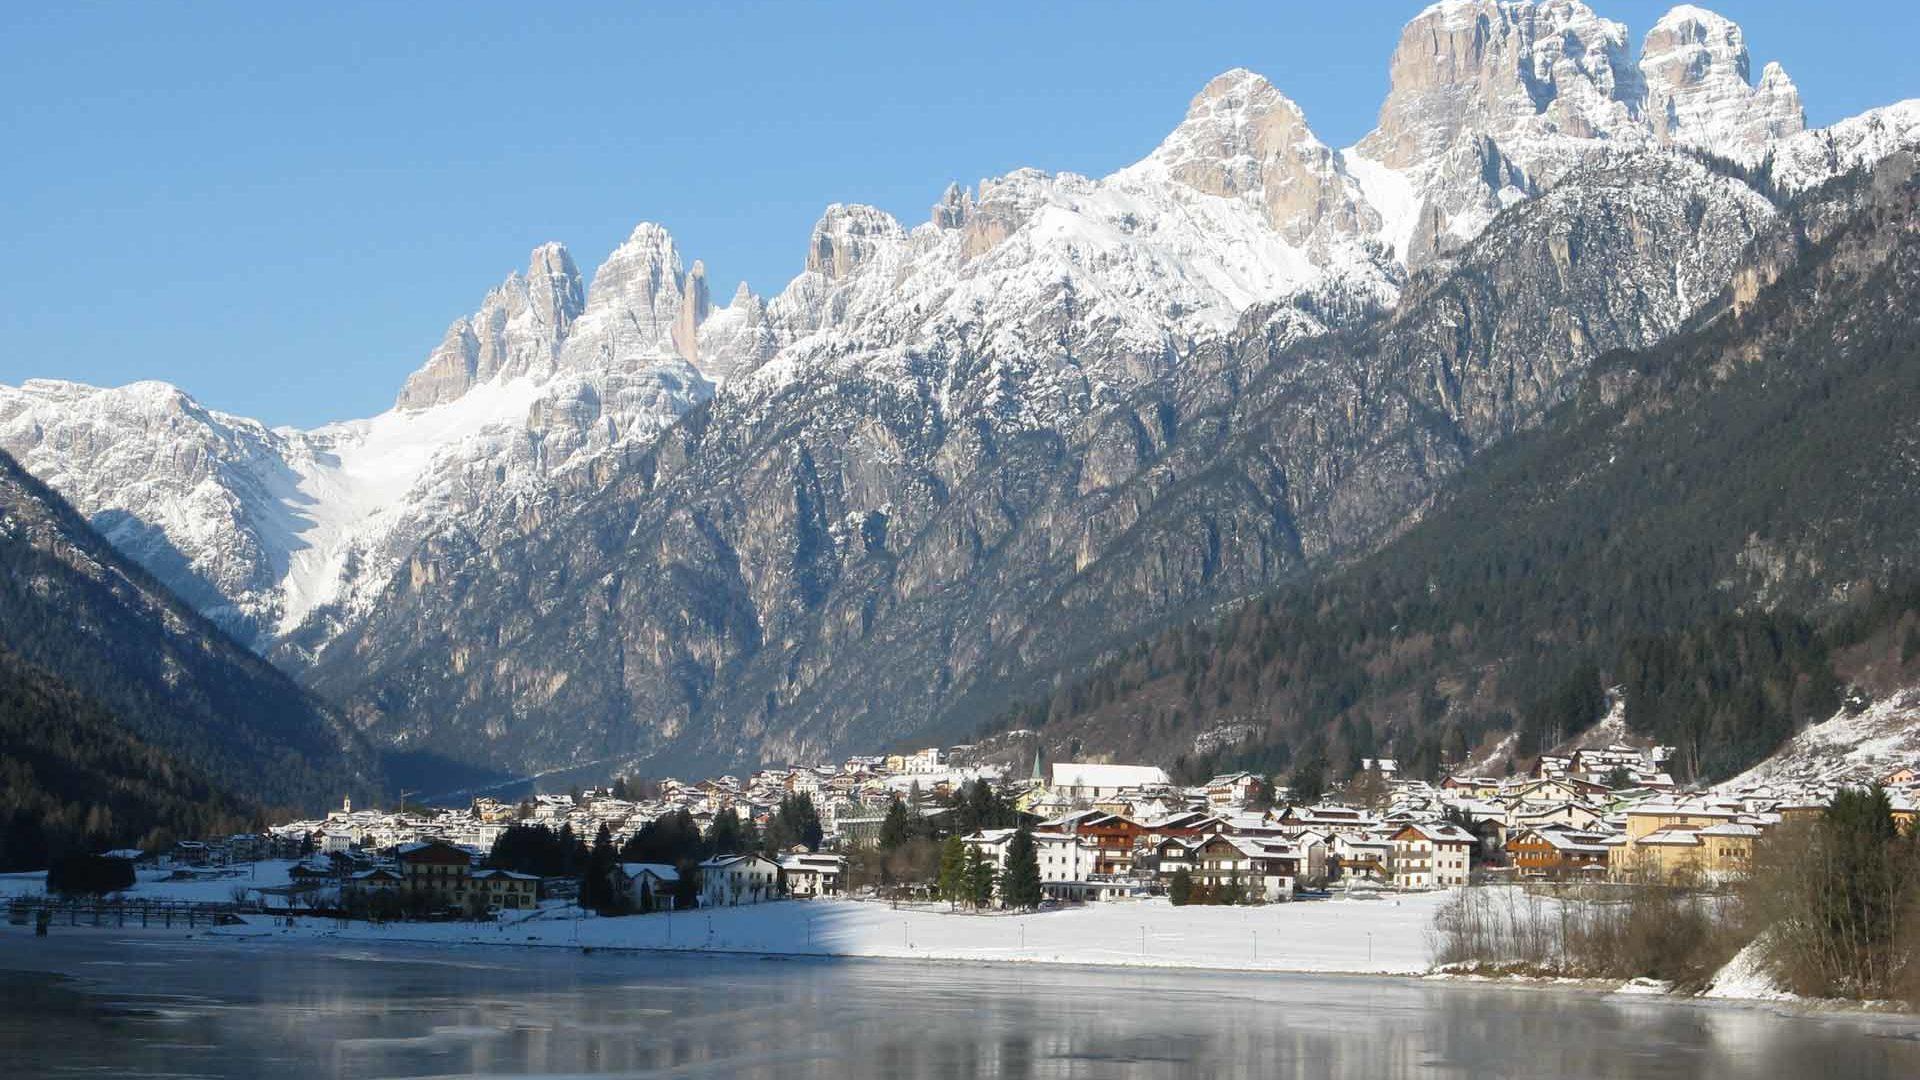 lago_di_auronzo_inverno_01